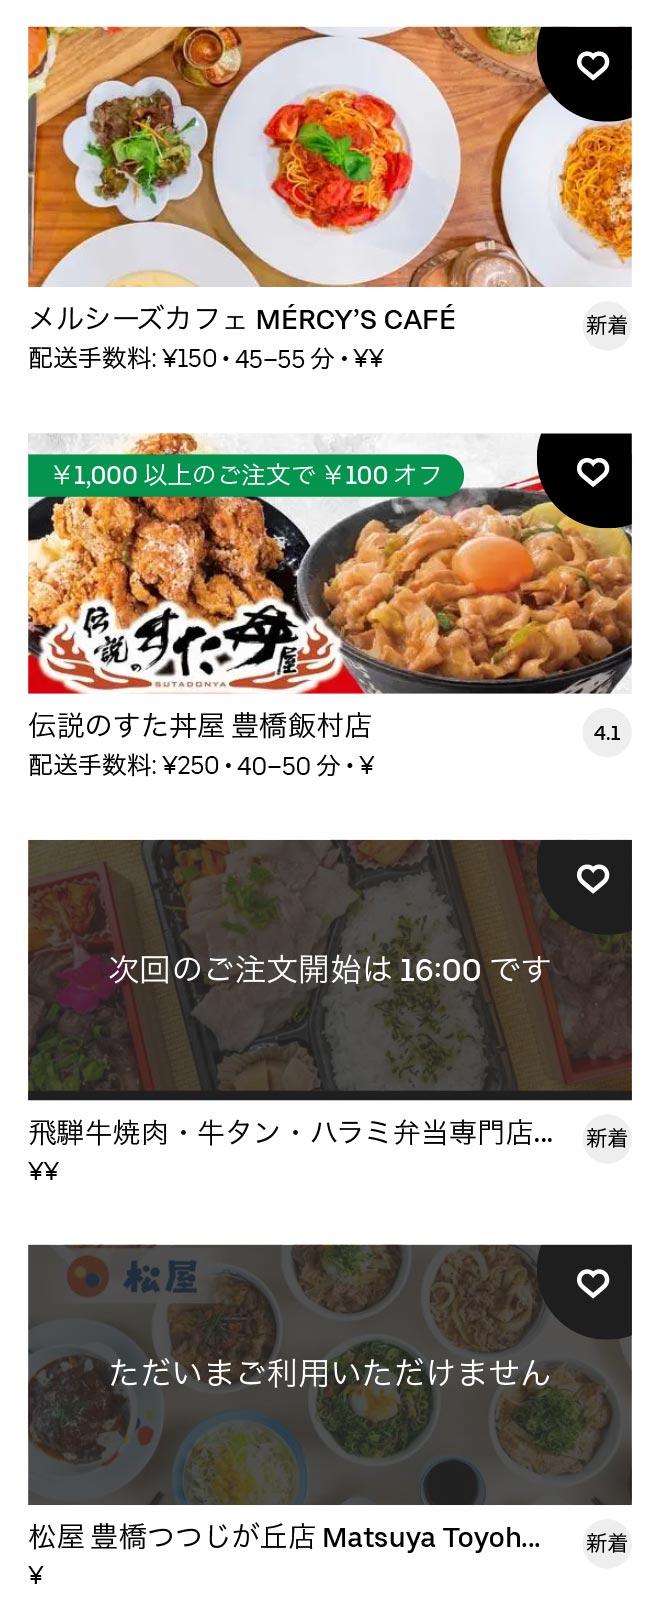 Aichi daigaku menu 2012 07